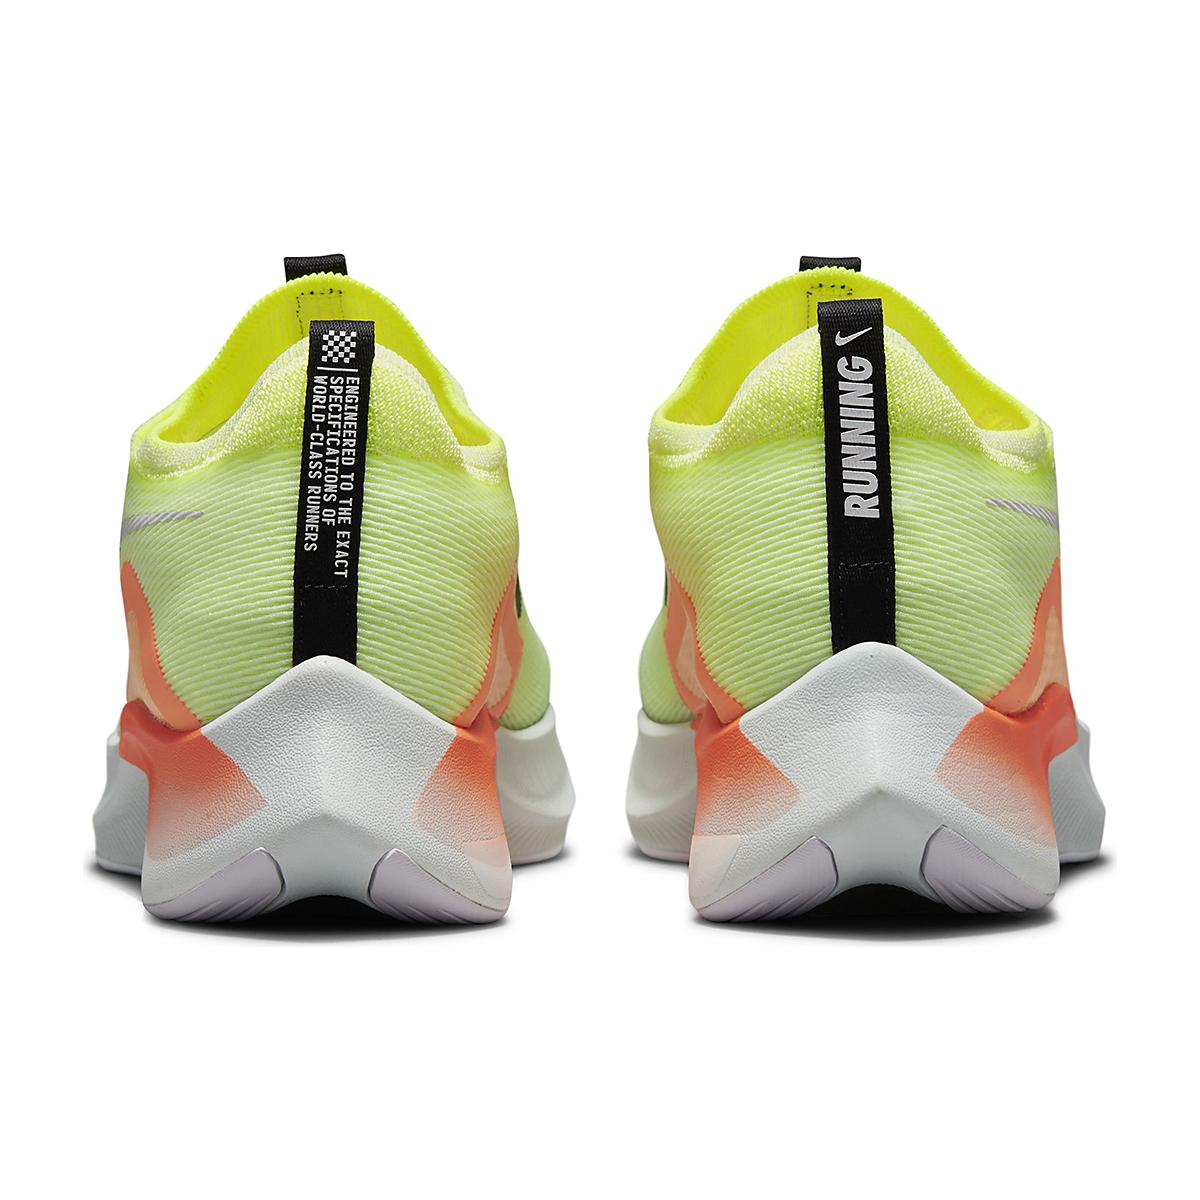 Men's Nike Zoom Fly 4 Running Shoe - Color: Barely Volt/Black/Hyper Orange - Size: 6 - Width: Regular, Barely Volt/Black/Hyper Orange, large, image 6